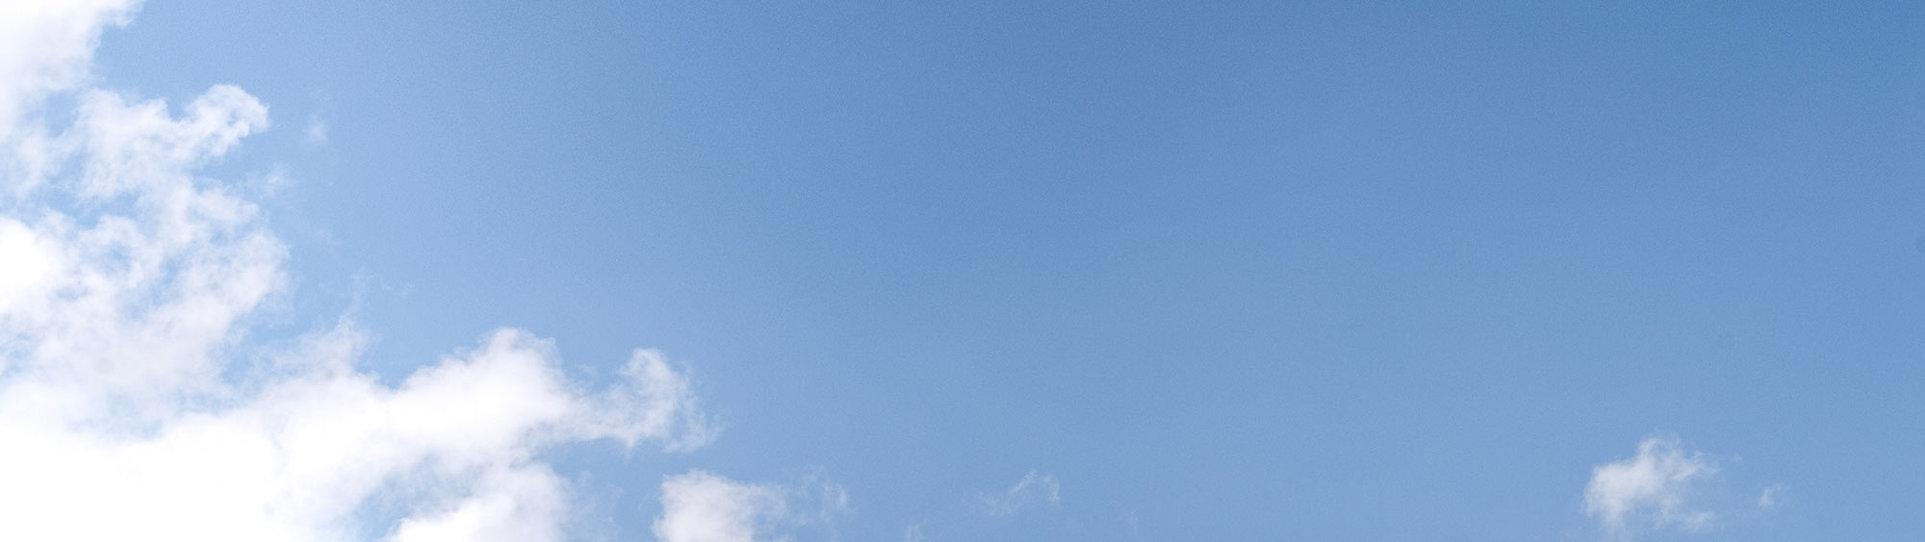 fond-ciel-bleu.jpg